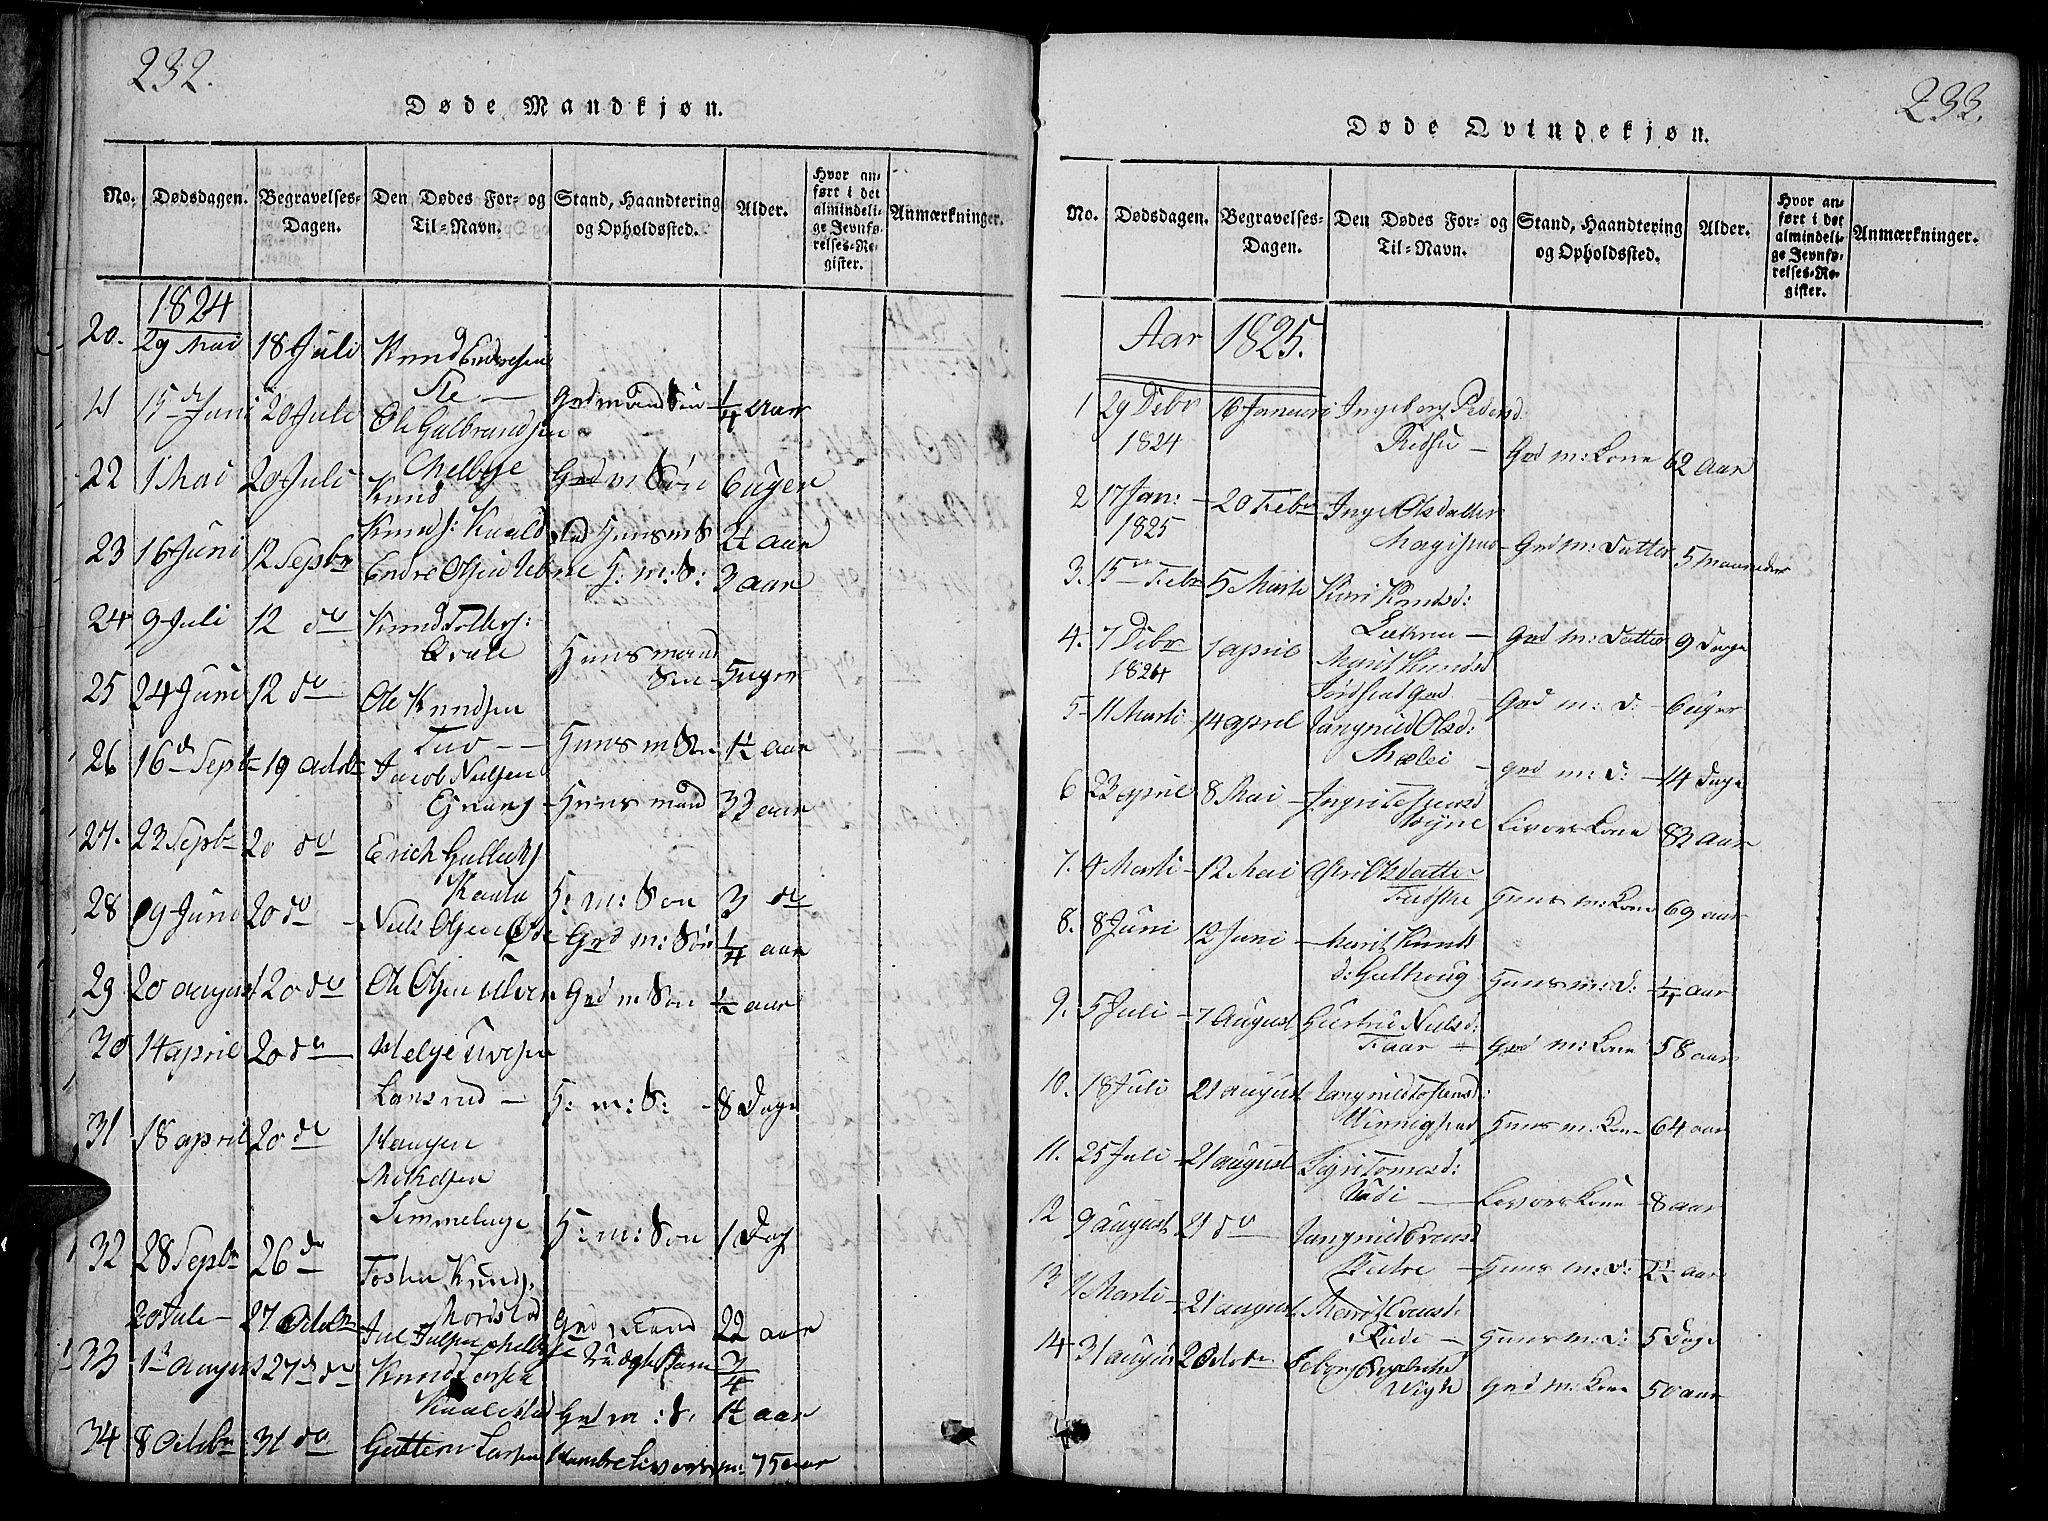 SAH, Slidre prestekontor, Ministerialbok nr. 2, 1814-1830, s. 232-233